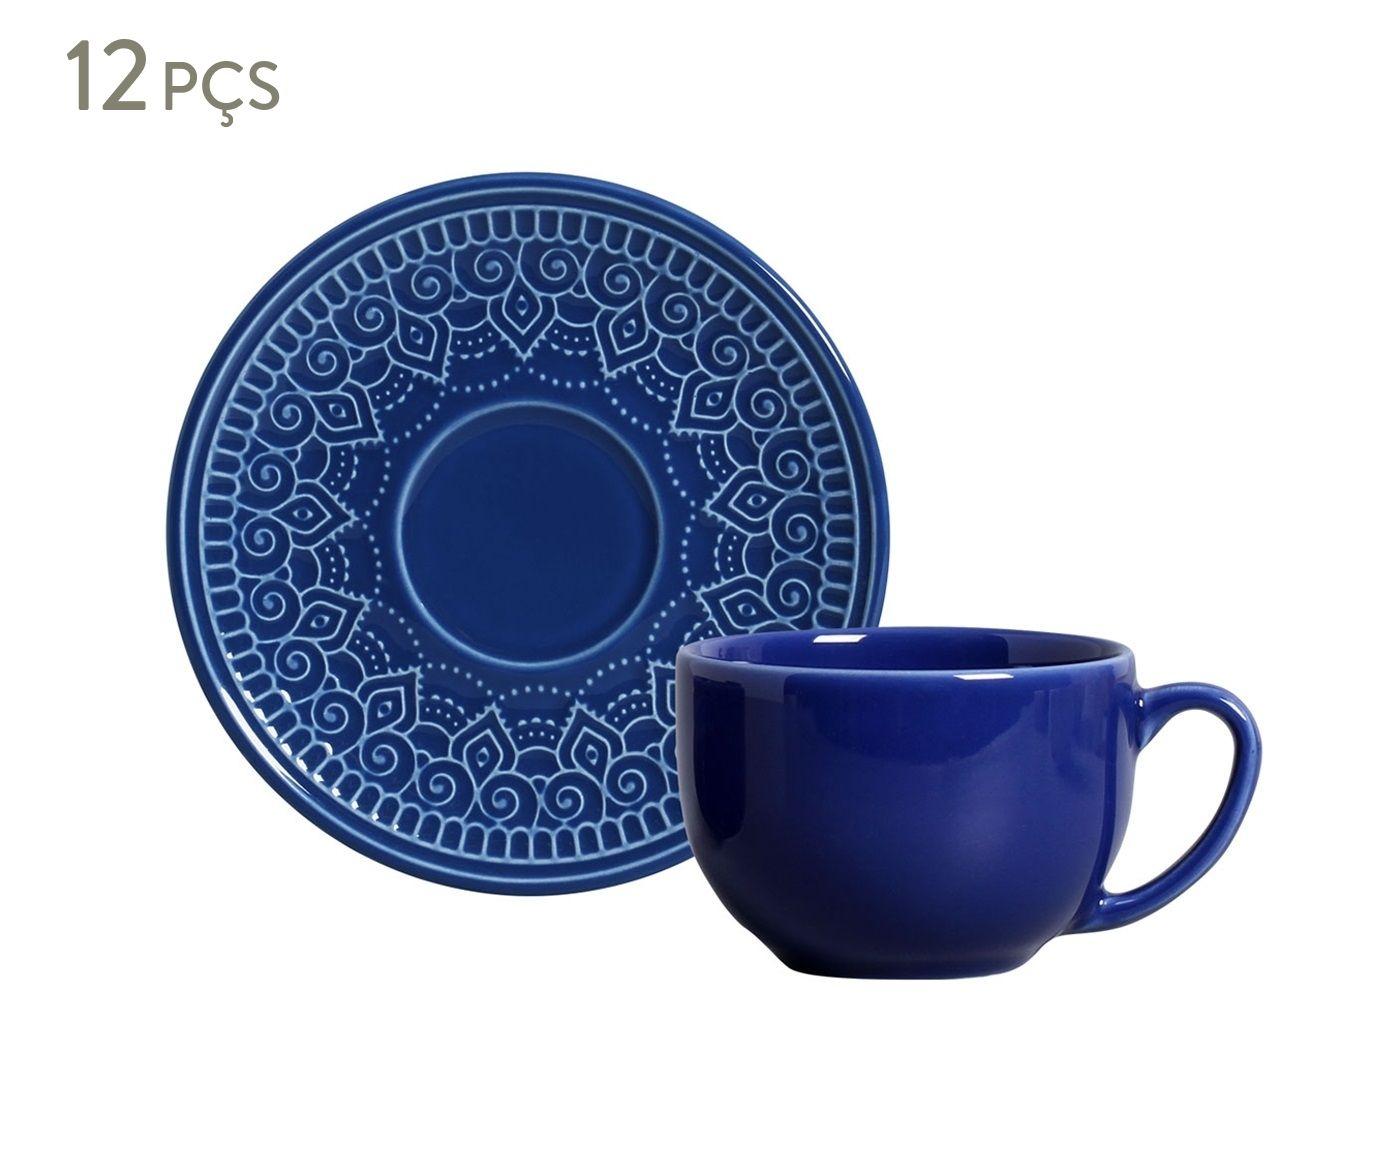 Jogo de Xícaras para Chá com Pires Agra Azul Navy - 260ml | Westwing.com.br